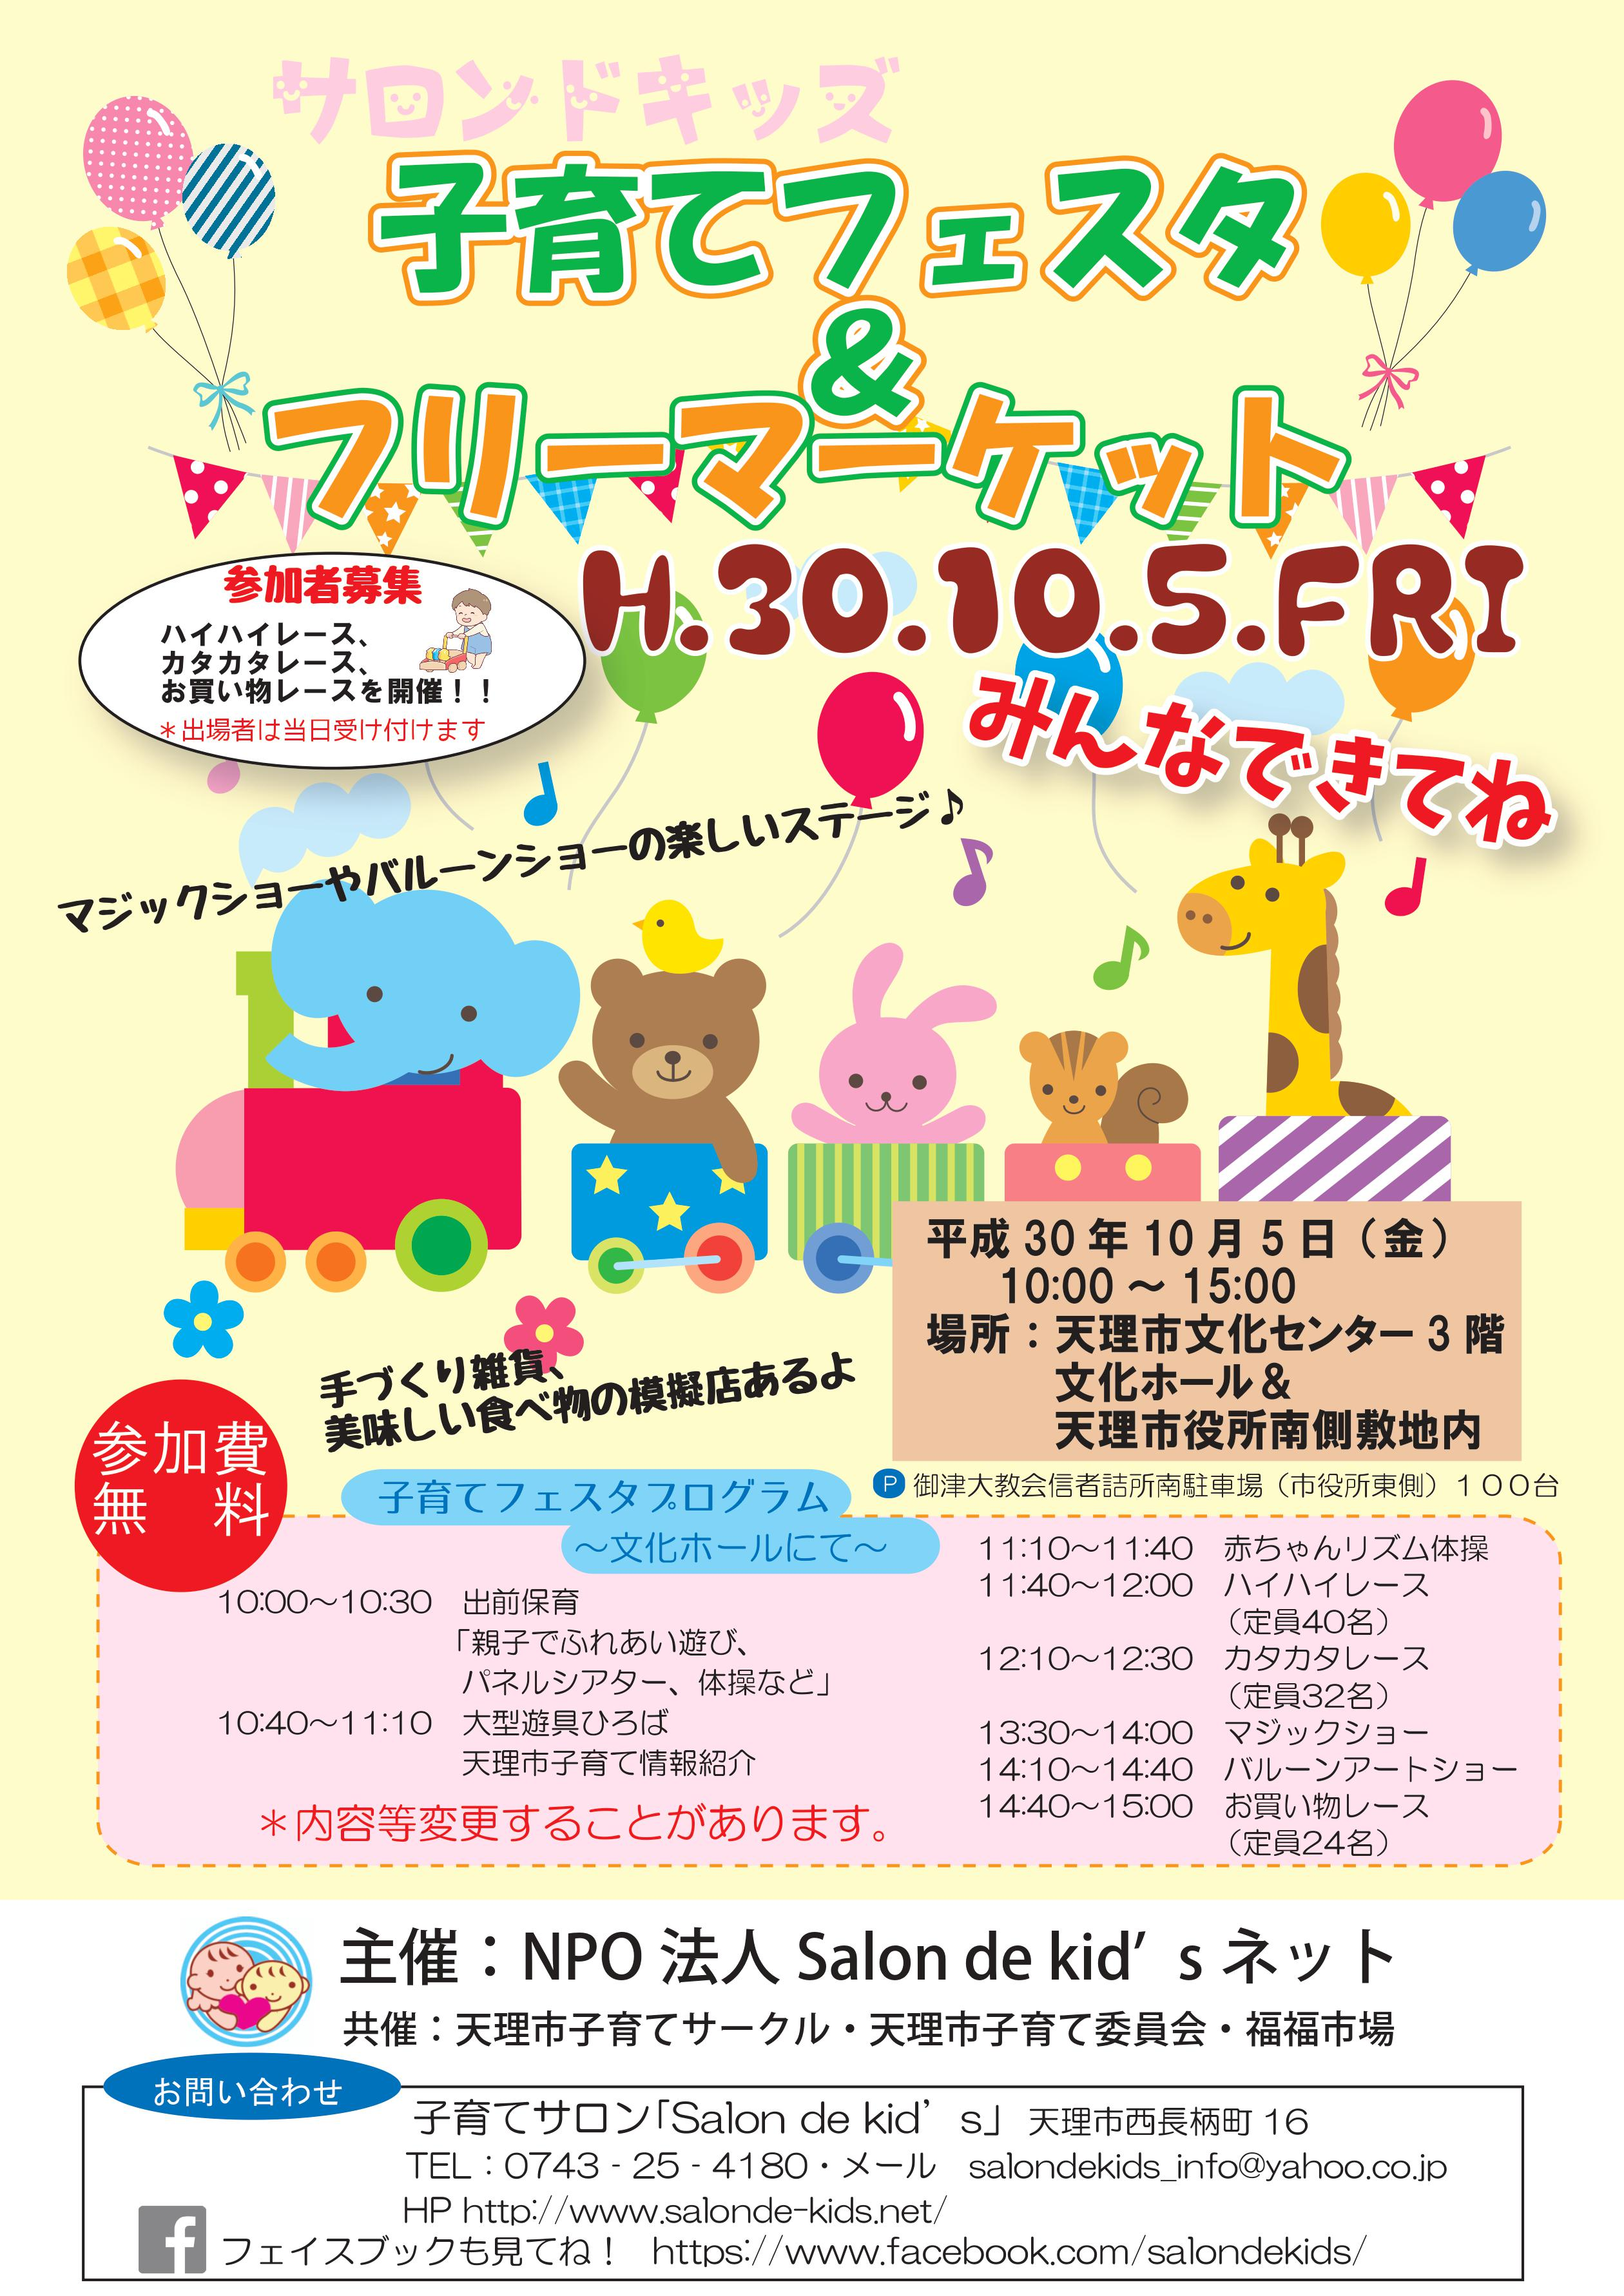 奈良県、天理市、天理市役所敷地内、天理文化センター3階、10月、2018年、子育てフェスタ、フリーマーケット